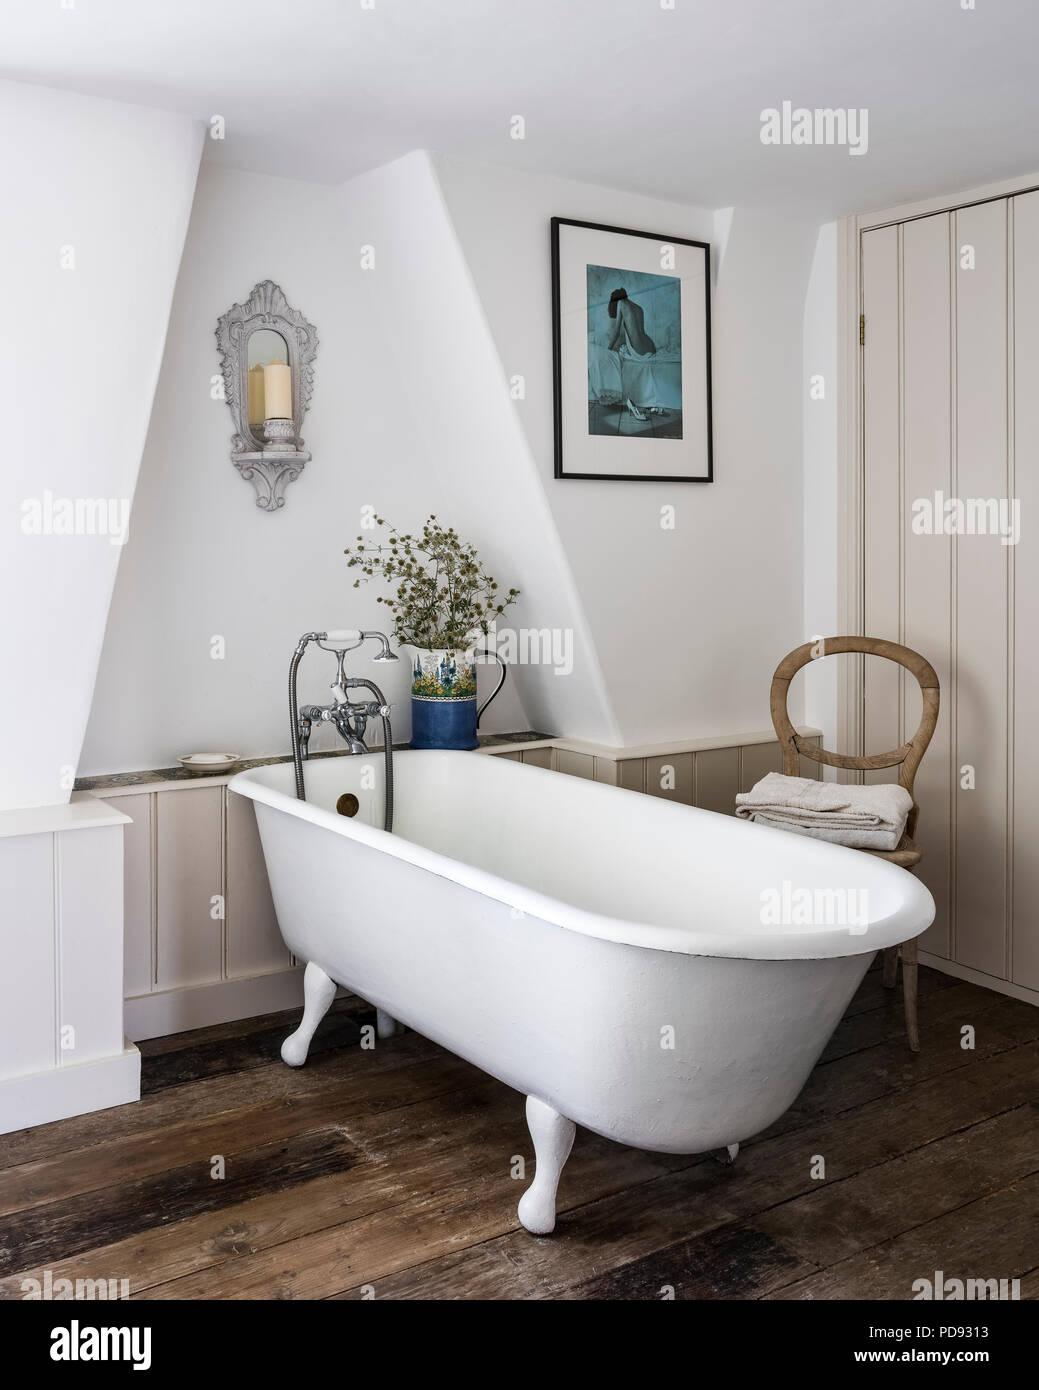 Baignoire sur pieds dans la salle de bains mansardée avec ...